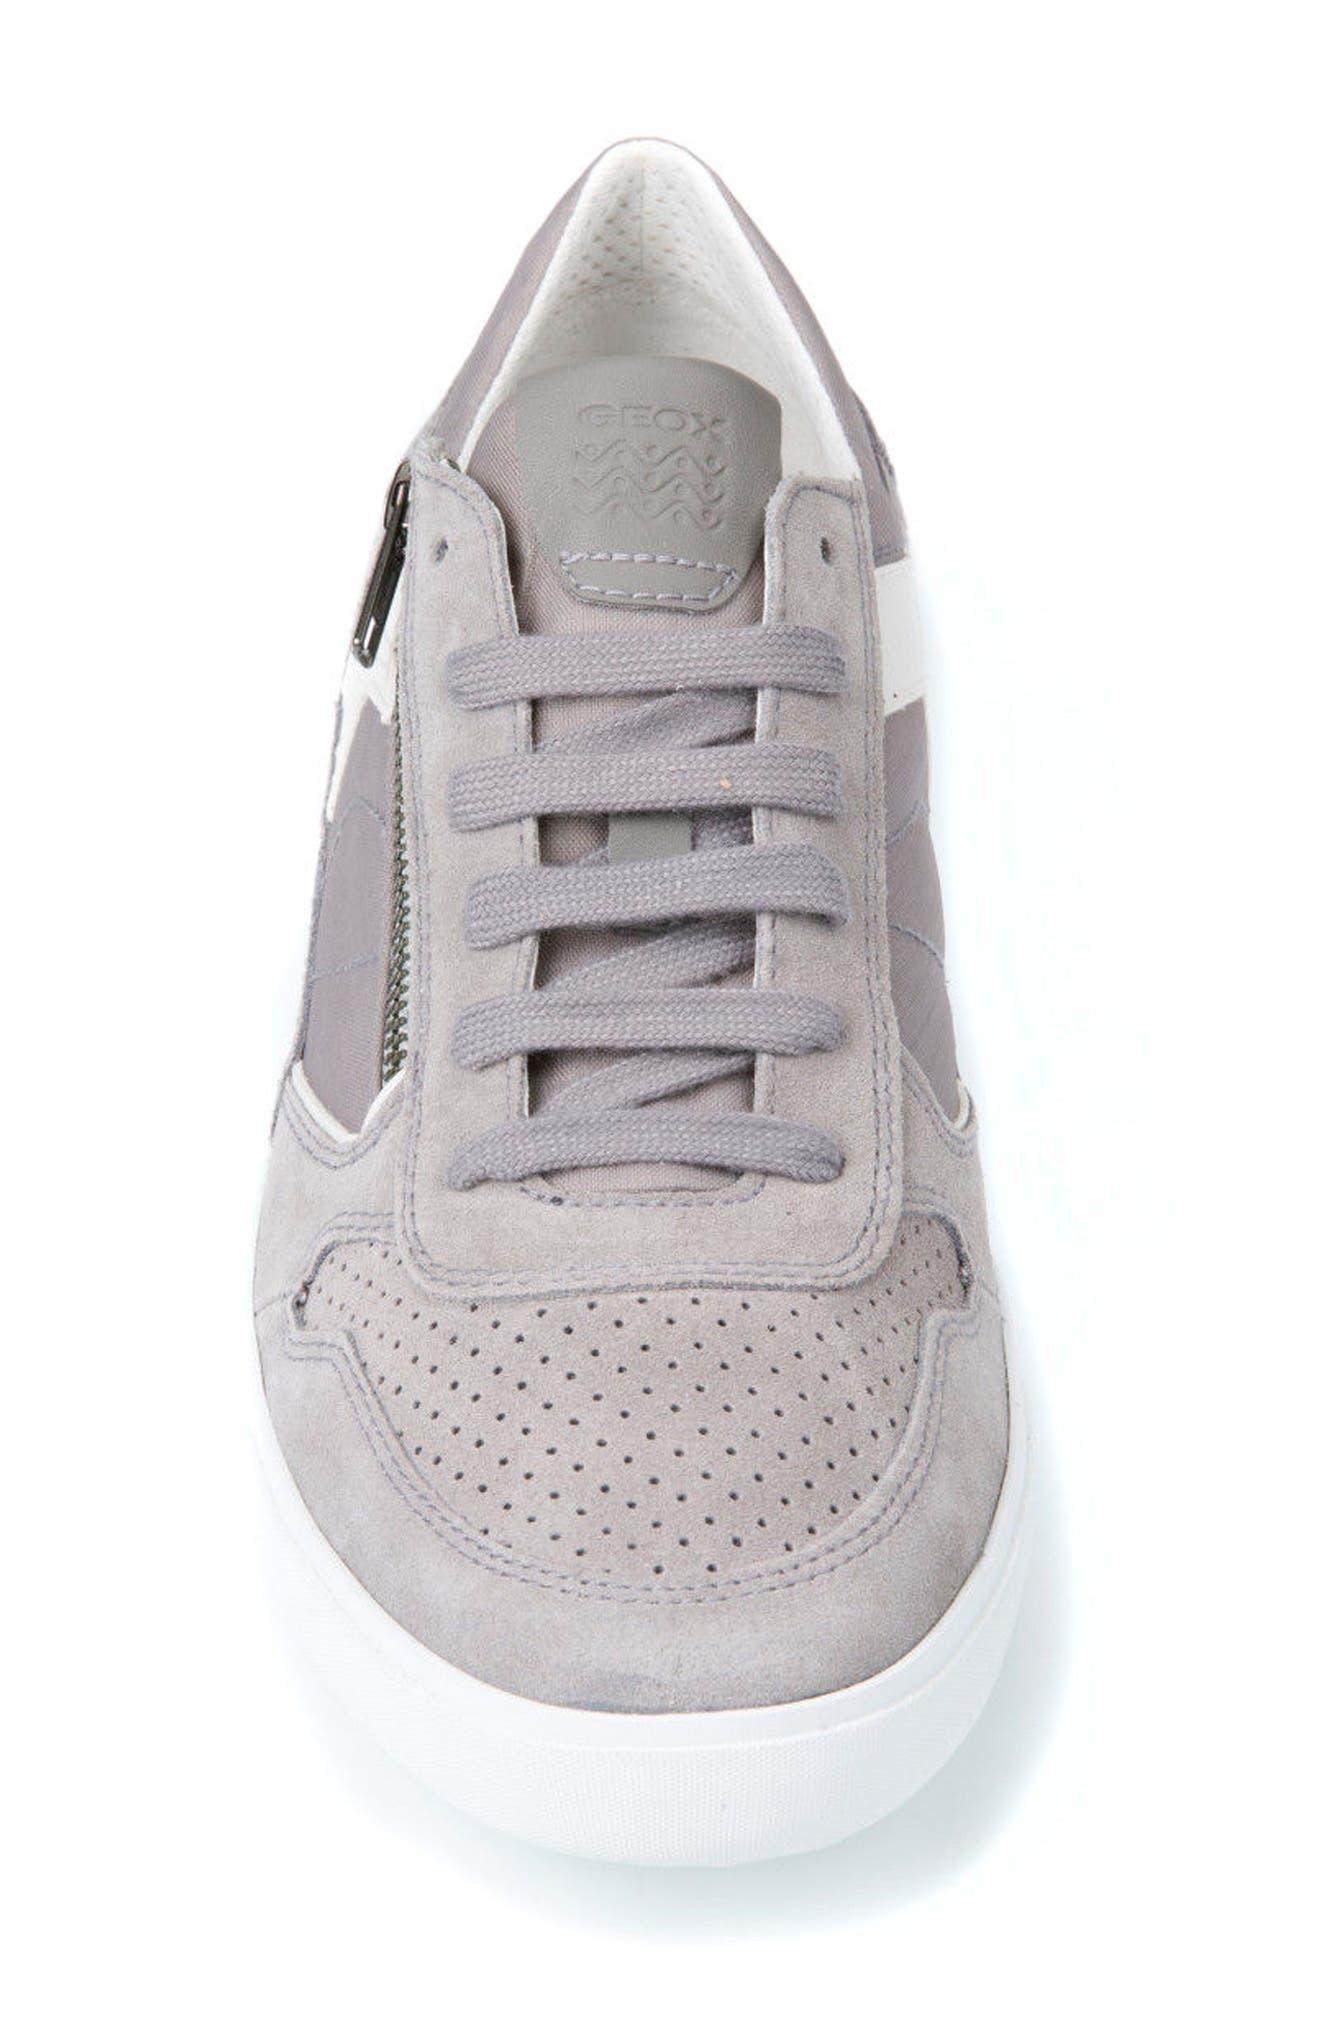 Box 33 Low Top Zip Sneaker,                             Alternate thumbnail 4, color,                             030